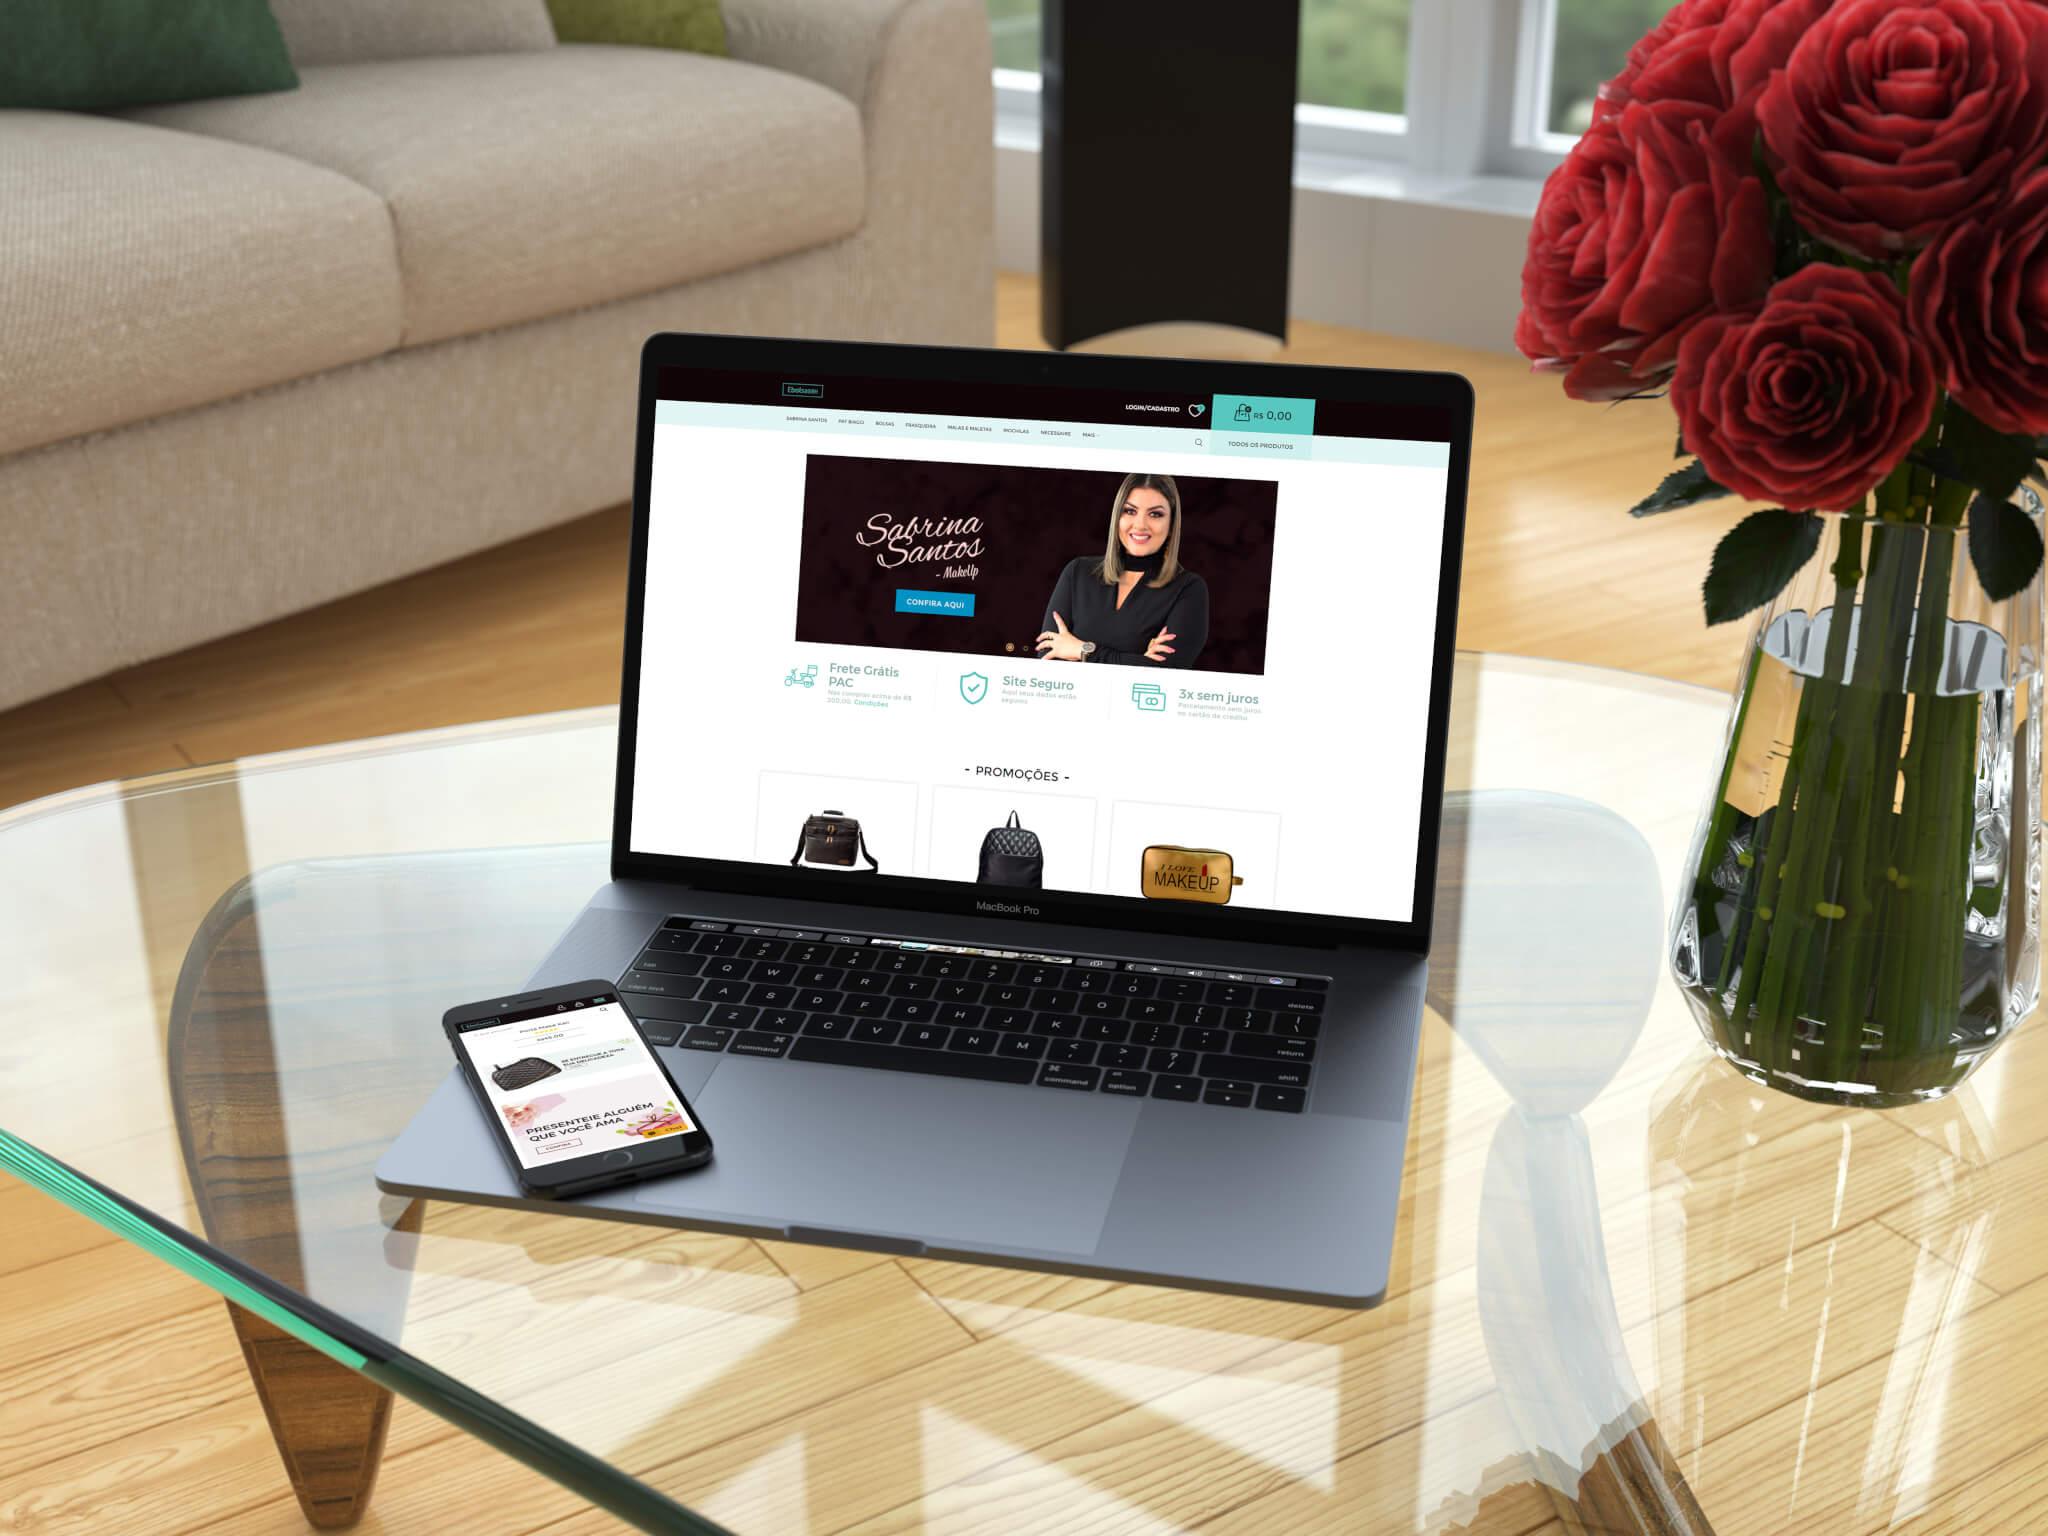 Moockup Ebolsas BH - Marketing Digital e Inbound Marketing em BH